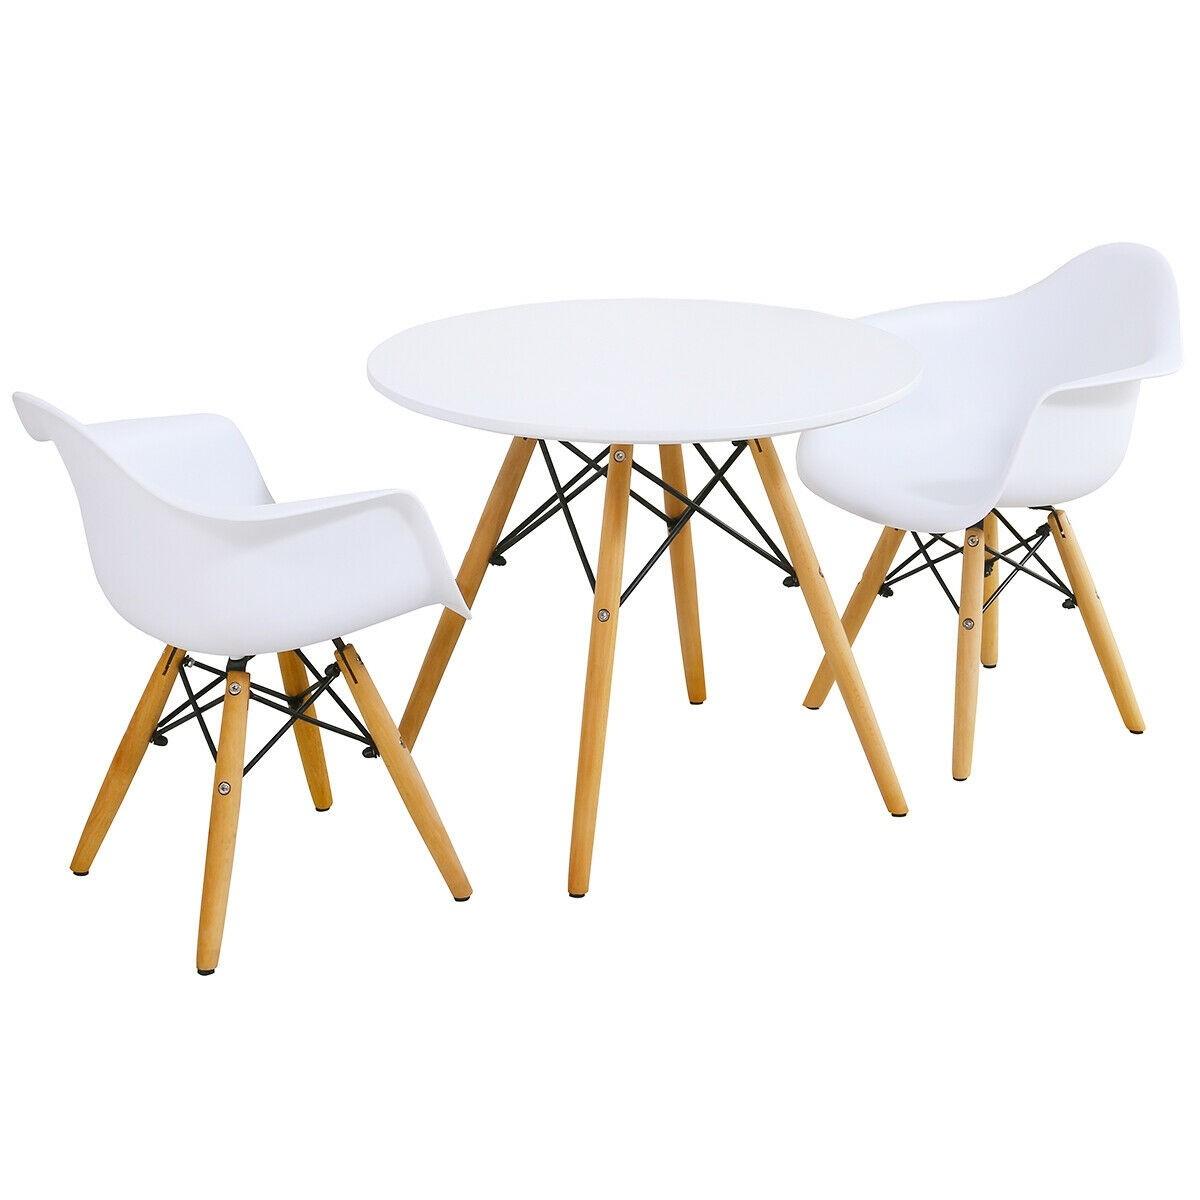 ست میز و صندلی کودک مدل رست کد 1001